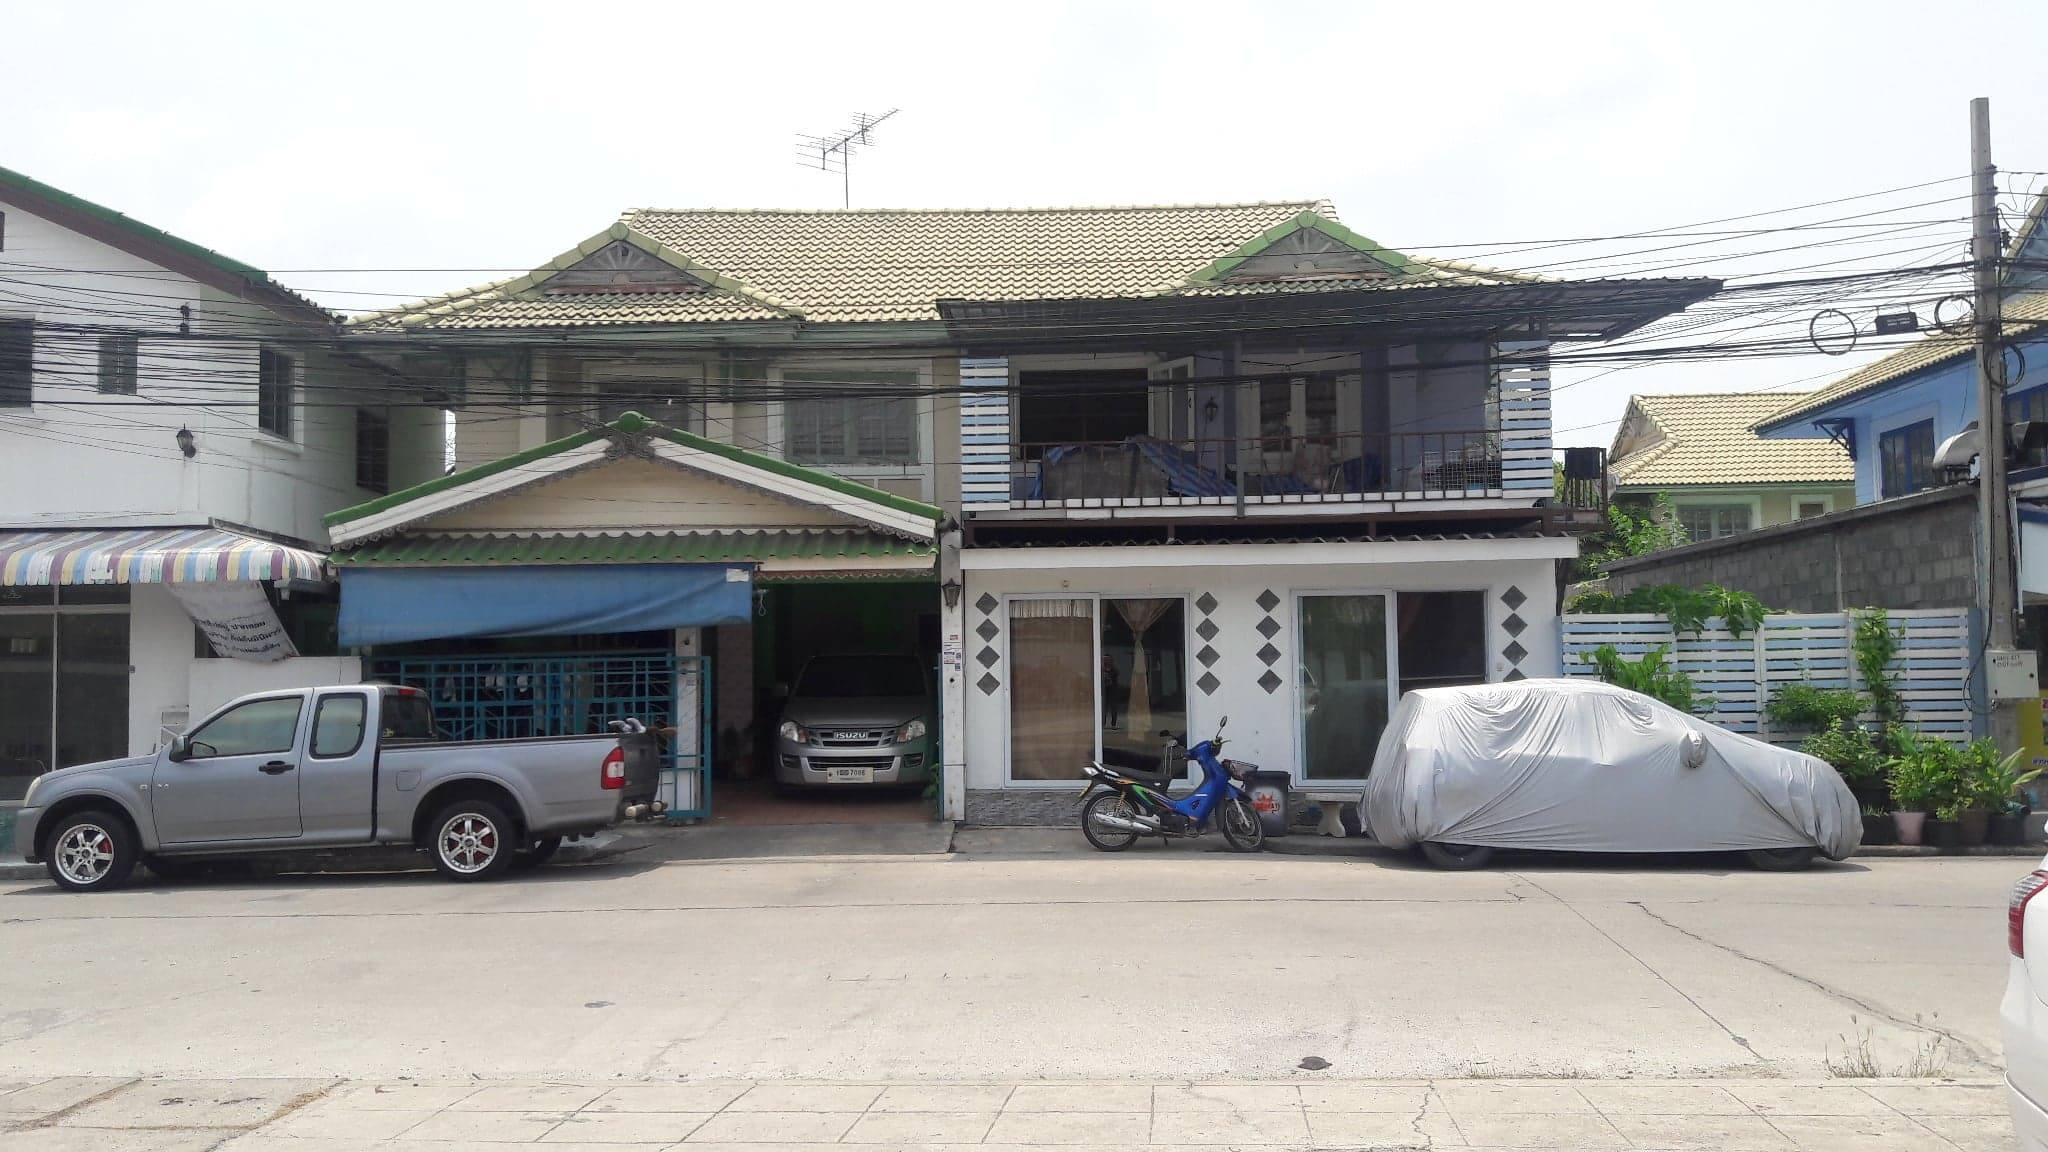 ภาพขายบ้านแฝด2ชั้นถนนบางพลี-ตำหรุ หมู่บ้านพฤกษา15